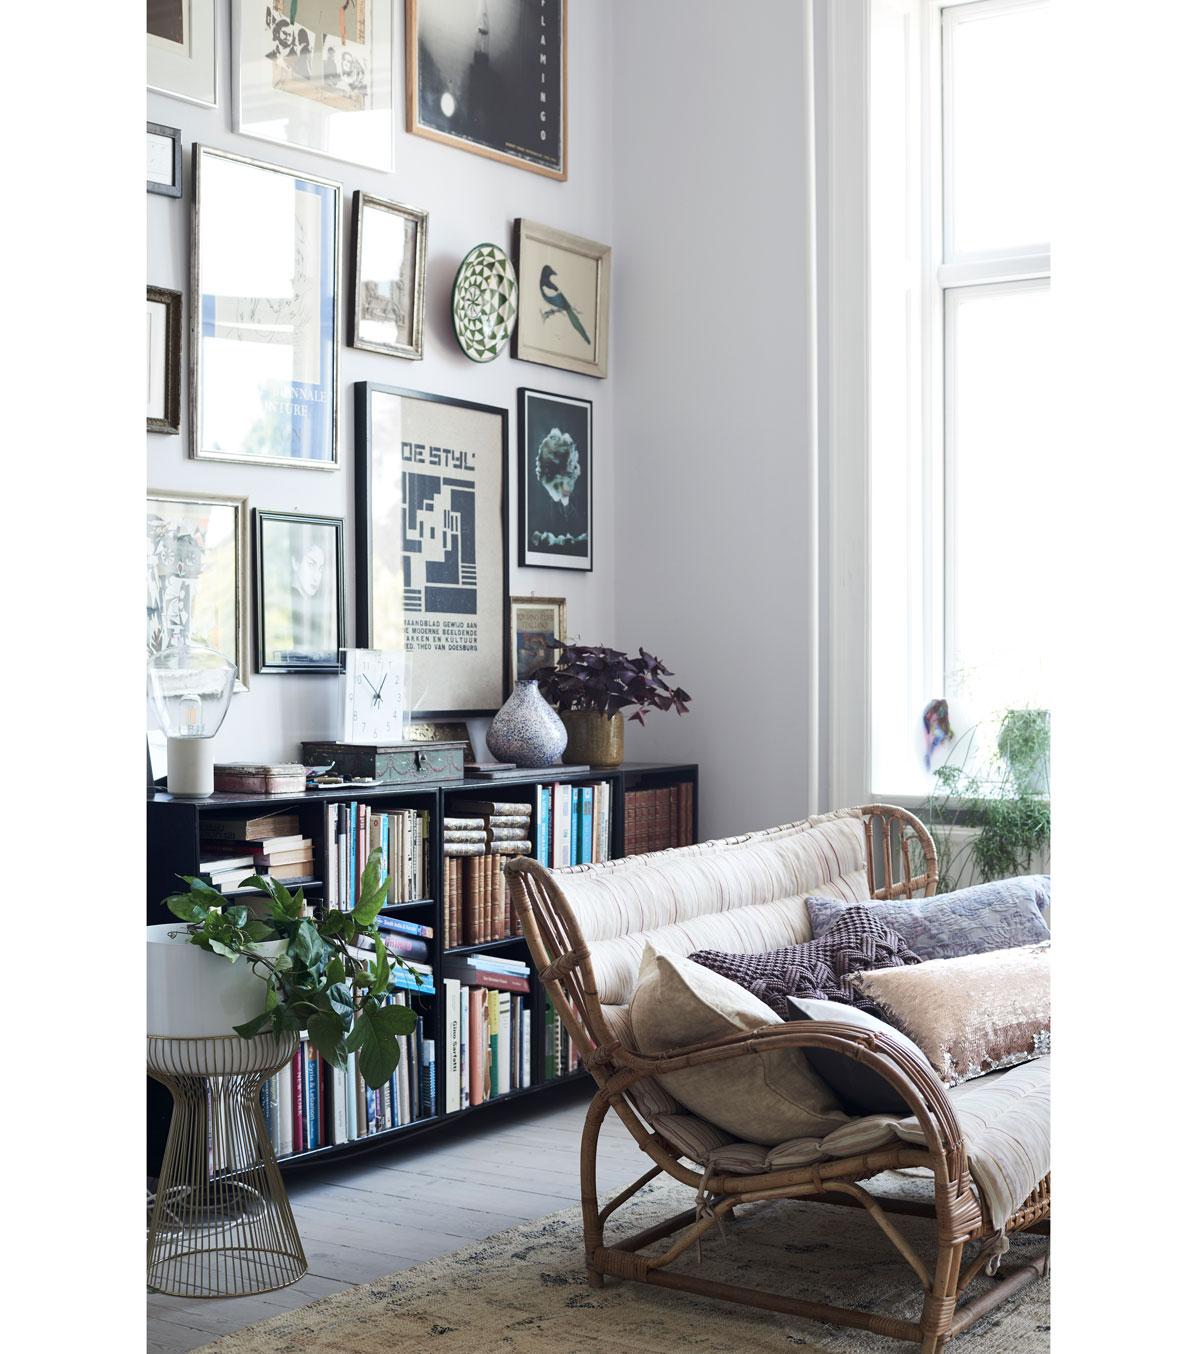 retro obývačka s čiernou knižnicou, obrazmi a kreslom z prírodného materiálu